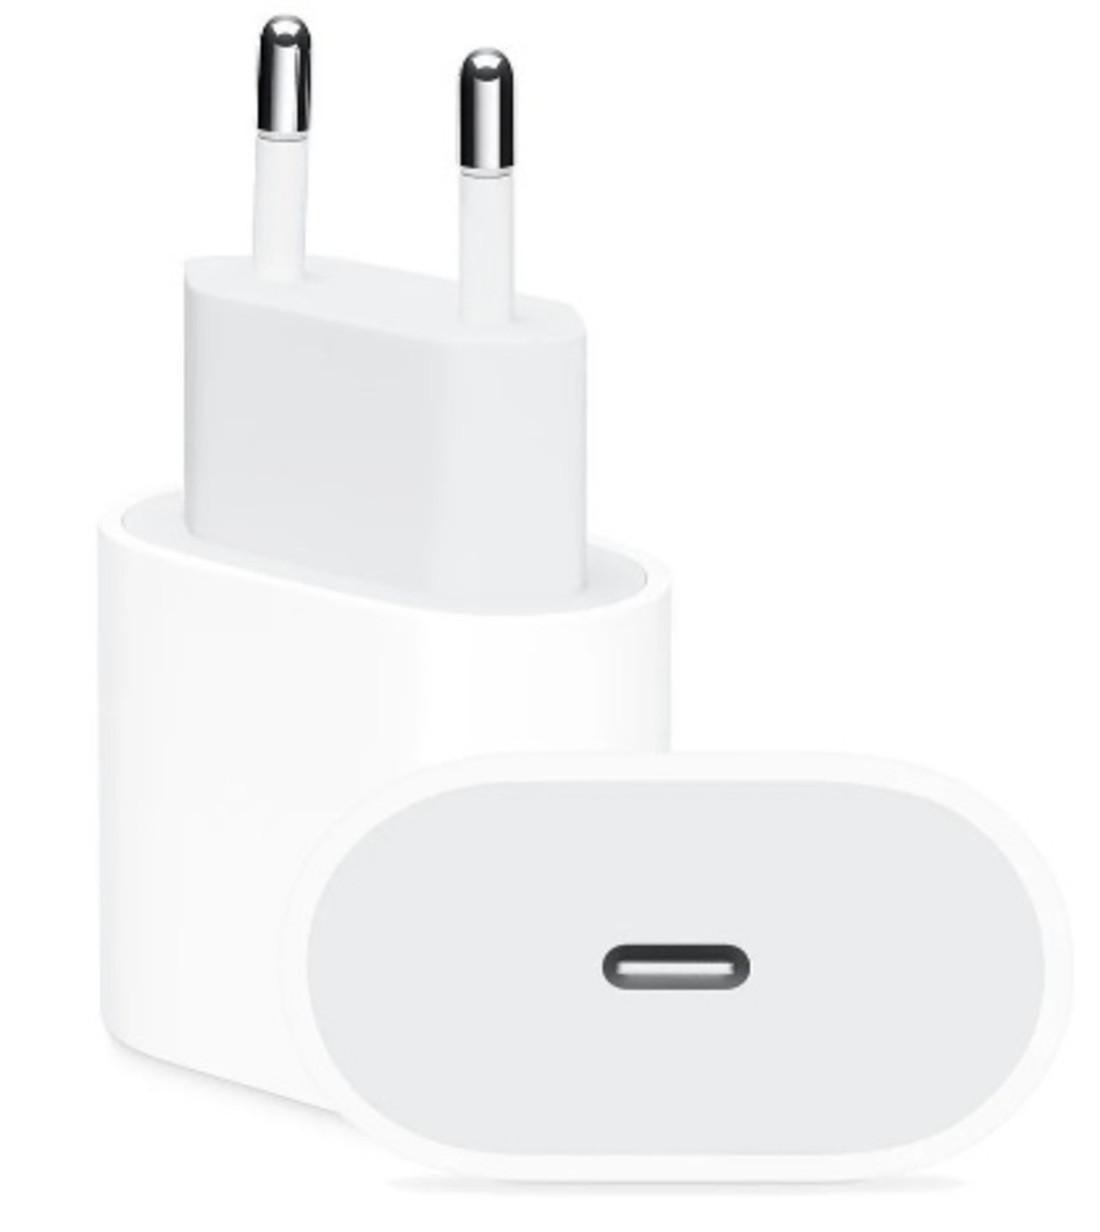 Зарядка для Iphone 11,12 (3А 20W)